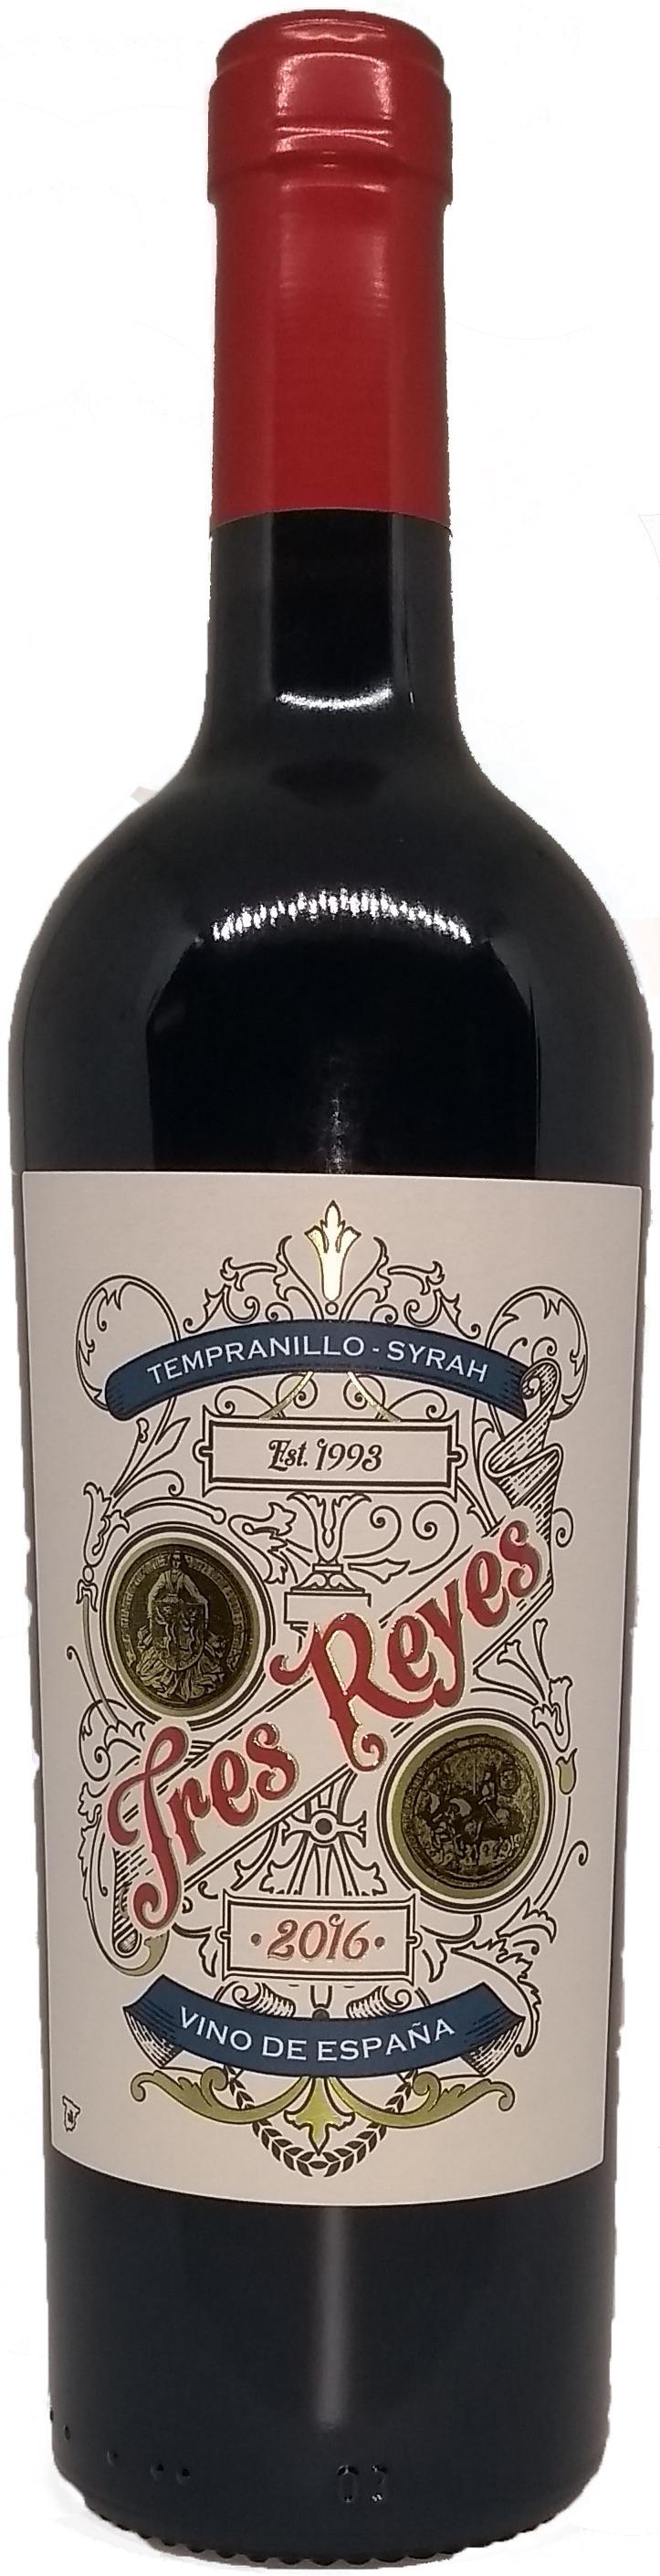 Tres Reyes Tempranillo Syrah VdT Toledo